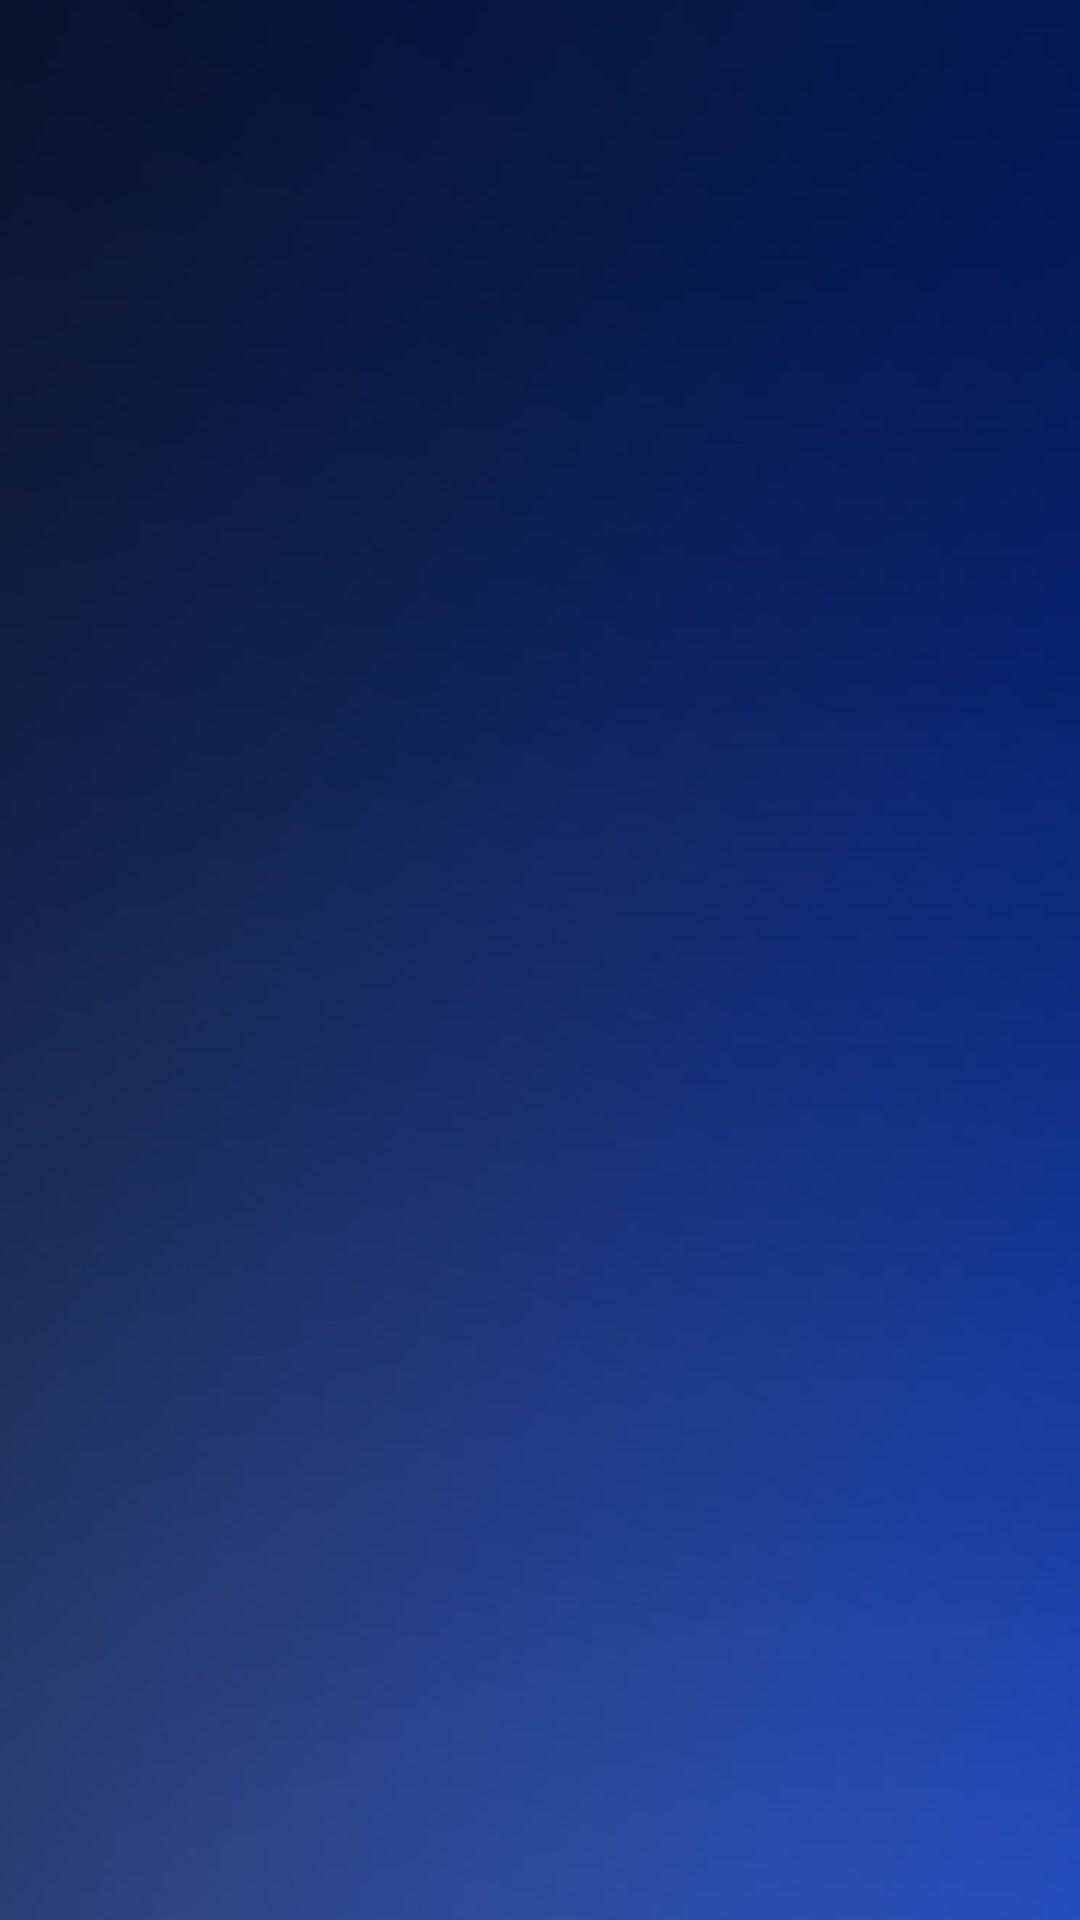 Fullsize Of Navy Blue Wallpaper